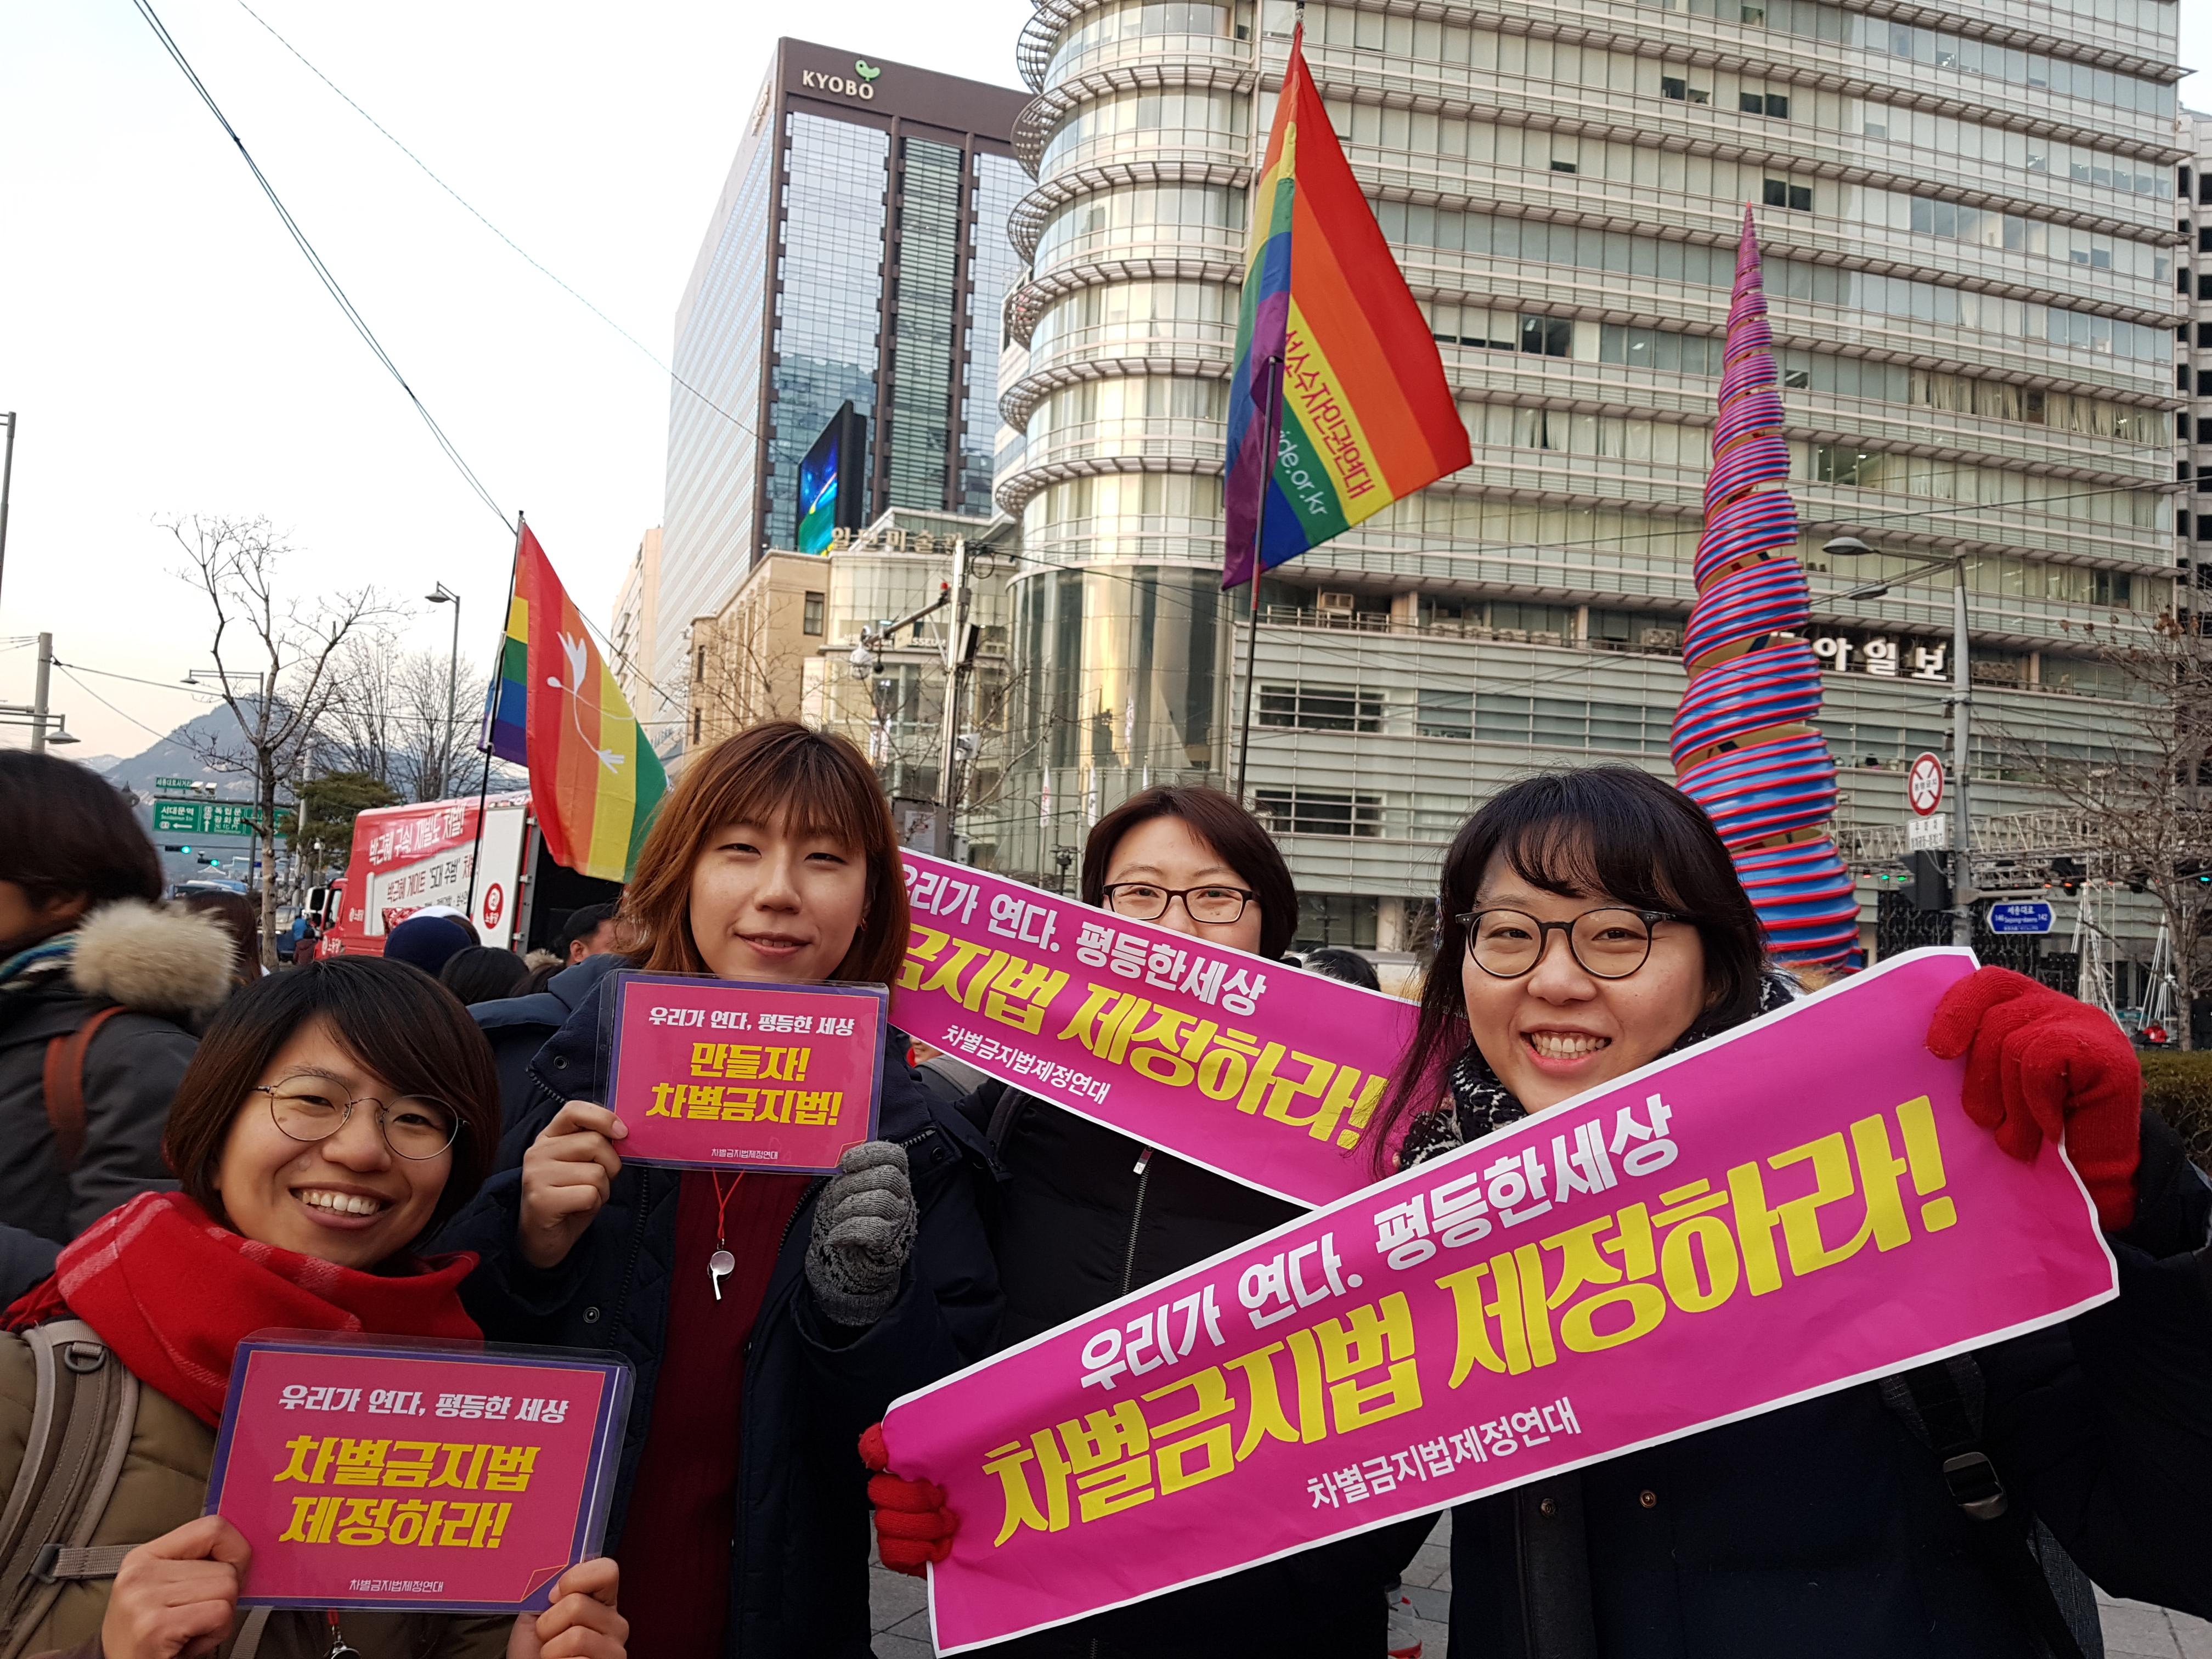 차별금지법 제정을 요구하는 집회 현장에 있는 희망법 구성원들 모습